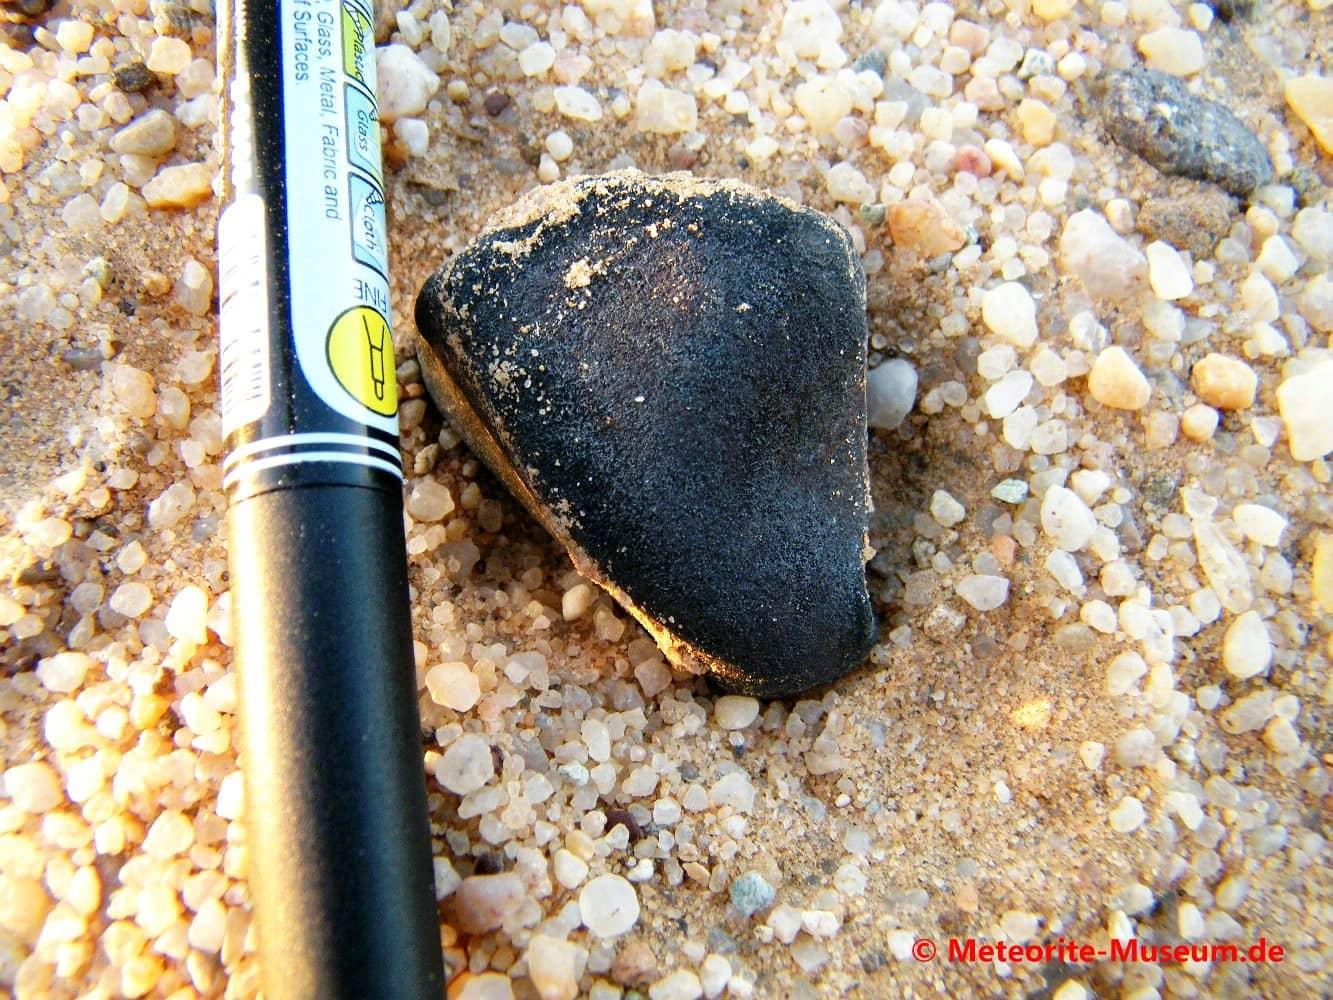 Almahata Sitta Individuum Meteorit mit schwarzer Schmelzkruste auf dem Wüstensandboden